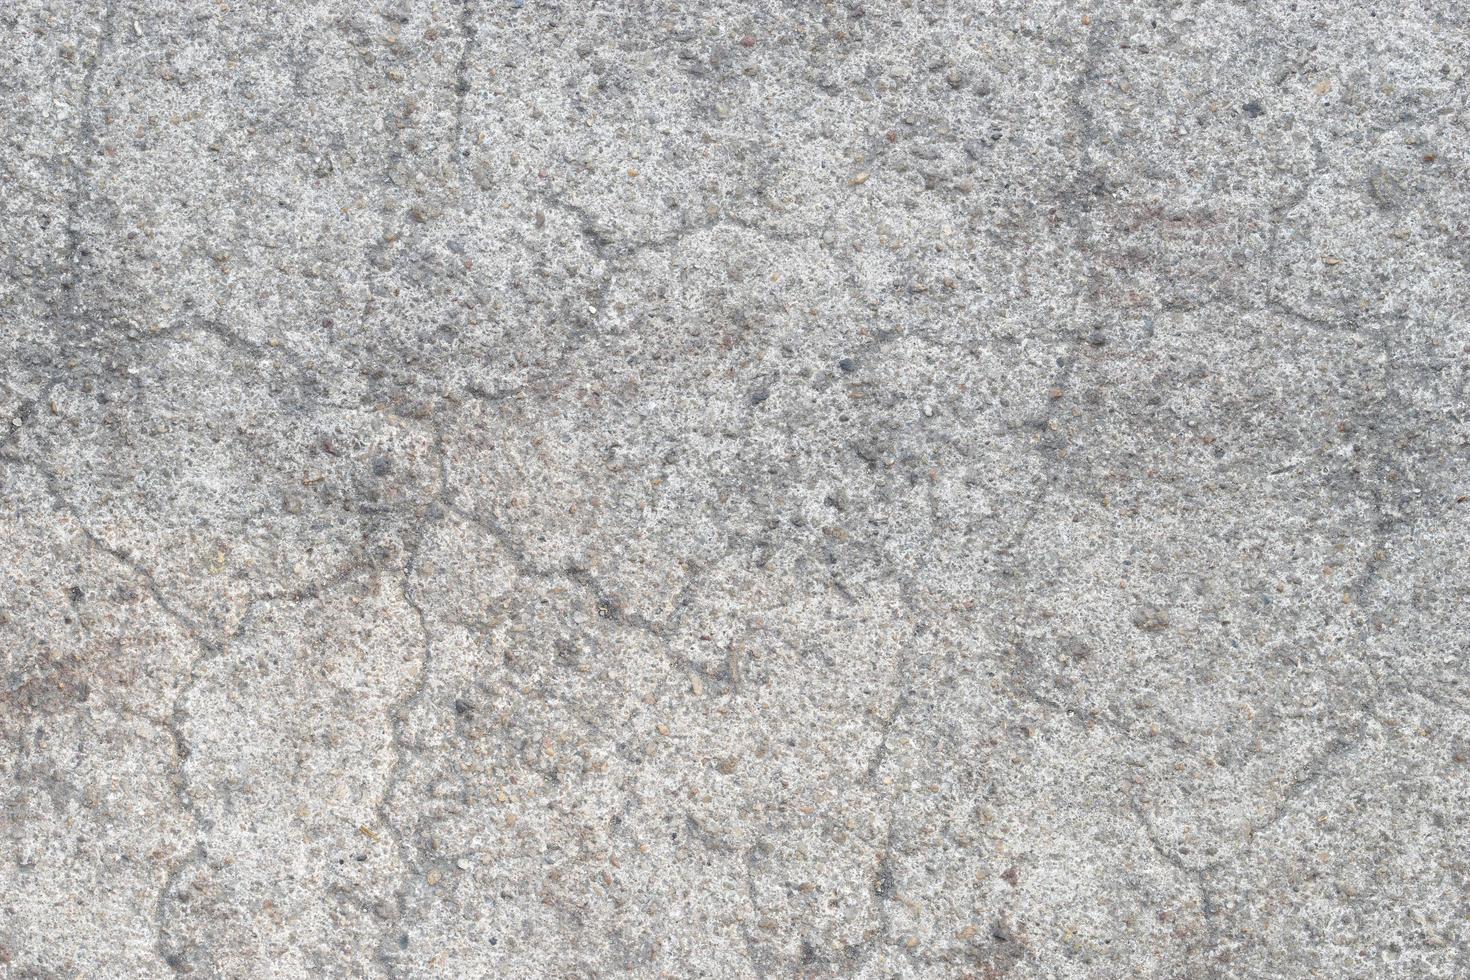 trama del pavimento foto